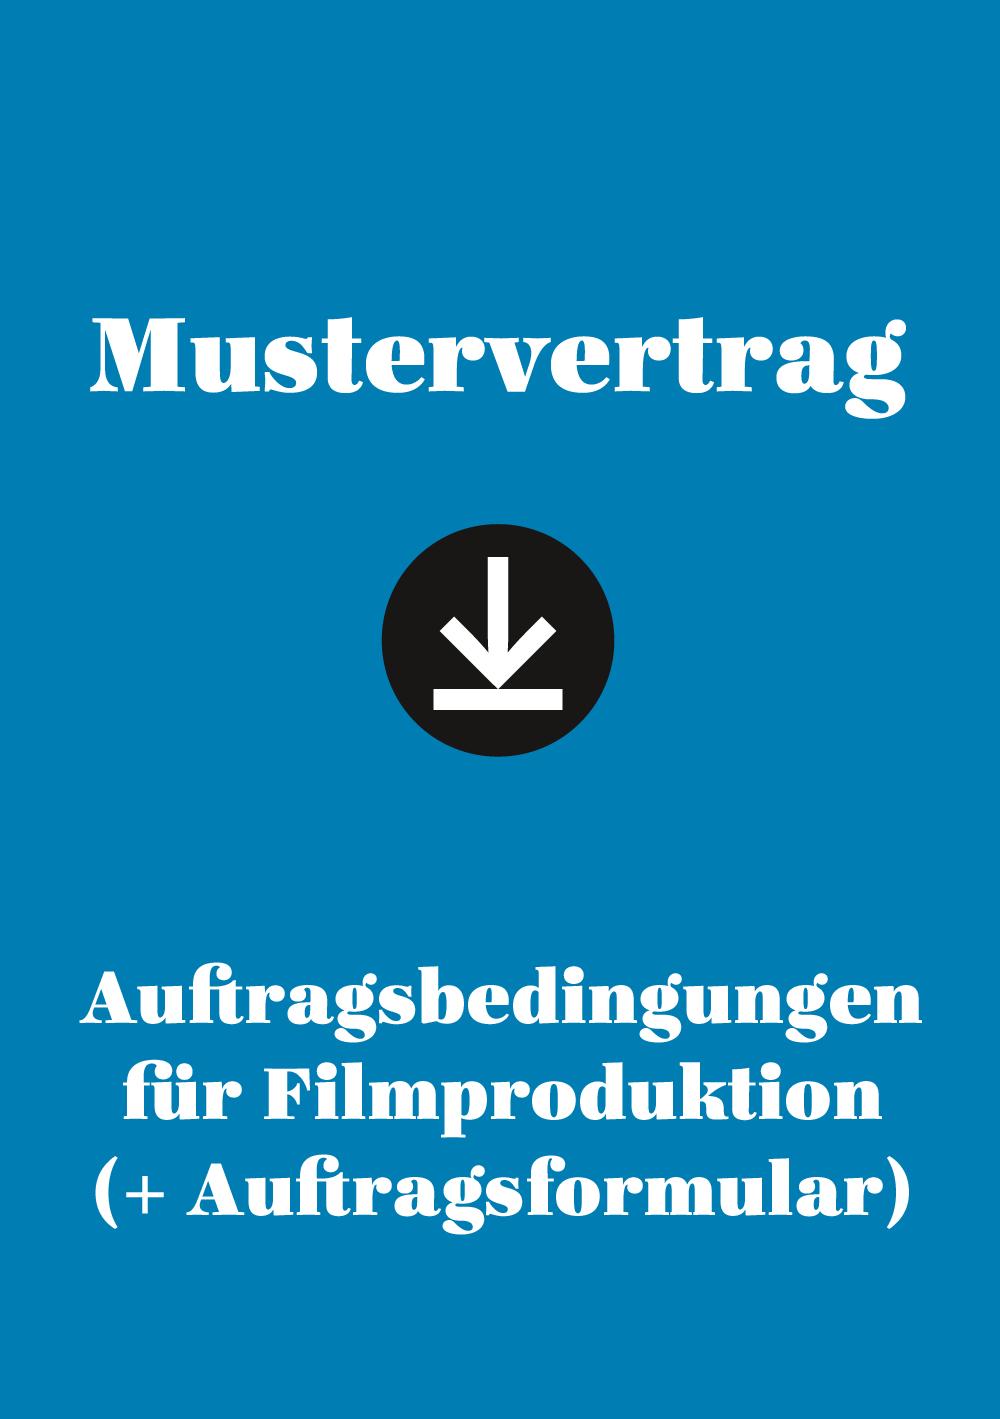 Produkt: Mustervertrag: Auftragsbedingungen für Filmproduktion (+ Auftragsformular)